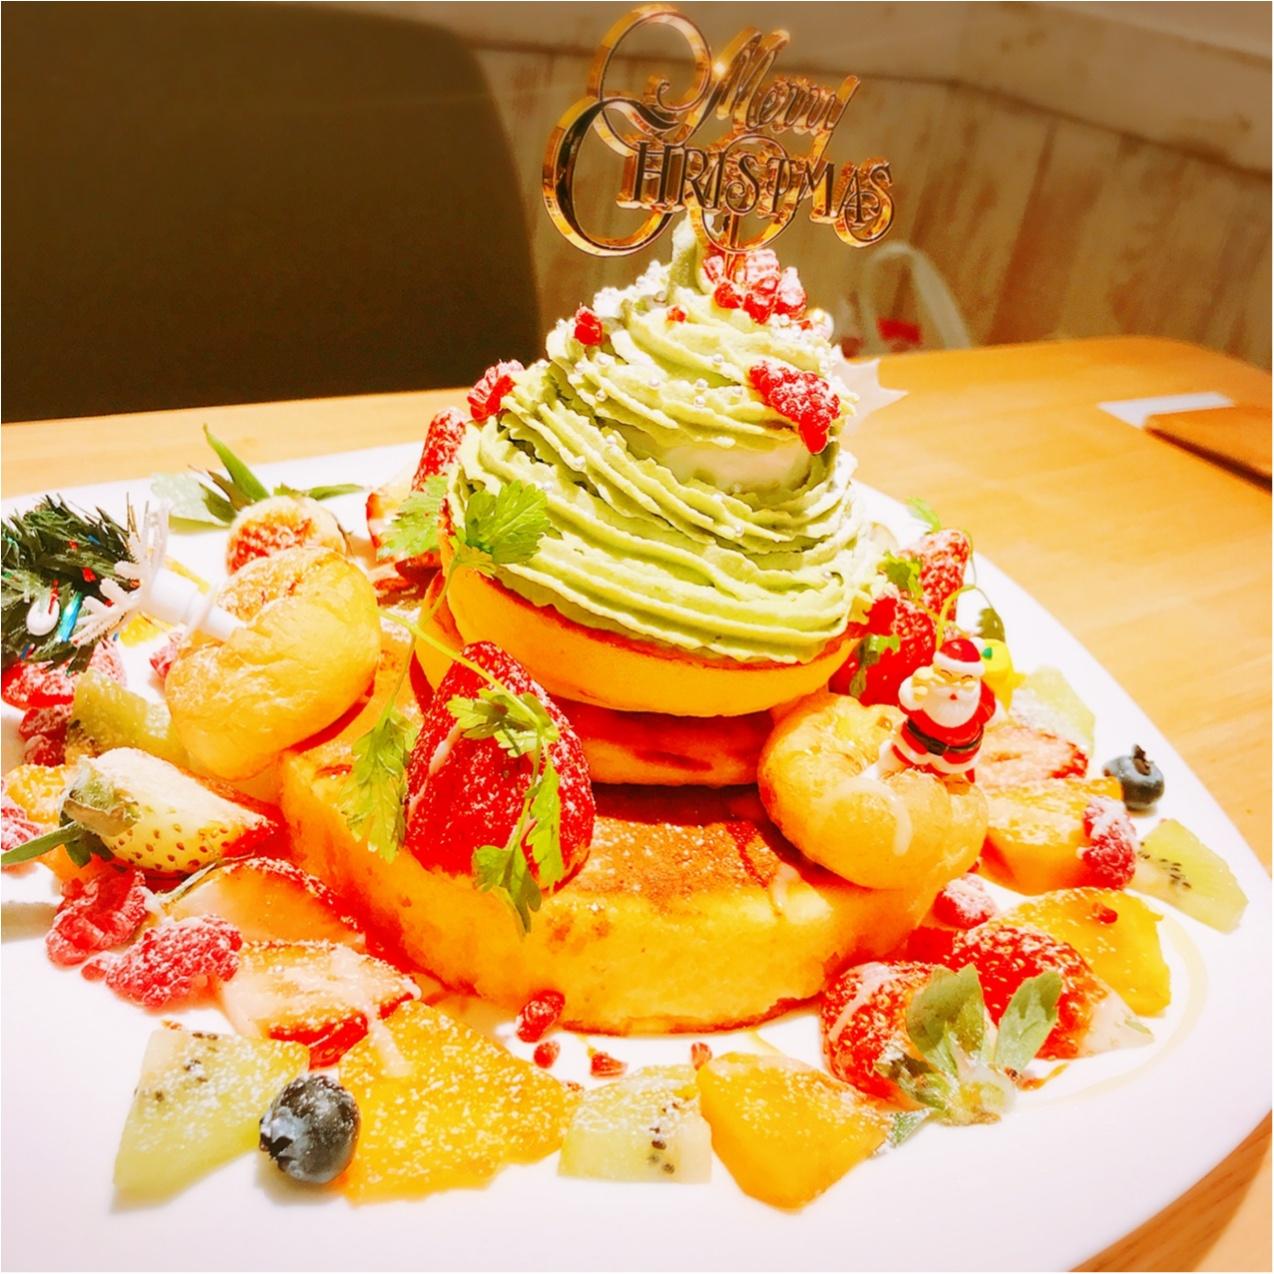 Xmas女子会におすすめ♡【cafe accueil】のフォトジェニックなクリスマスツリーパンケーキ!_4